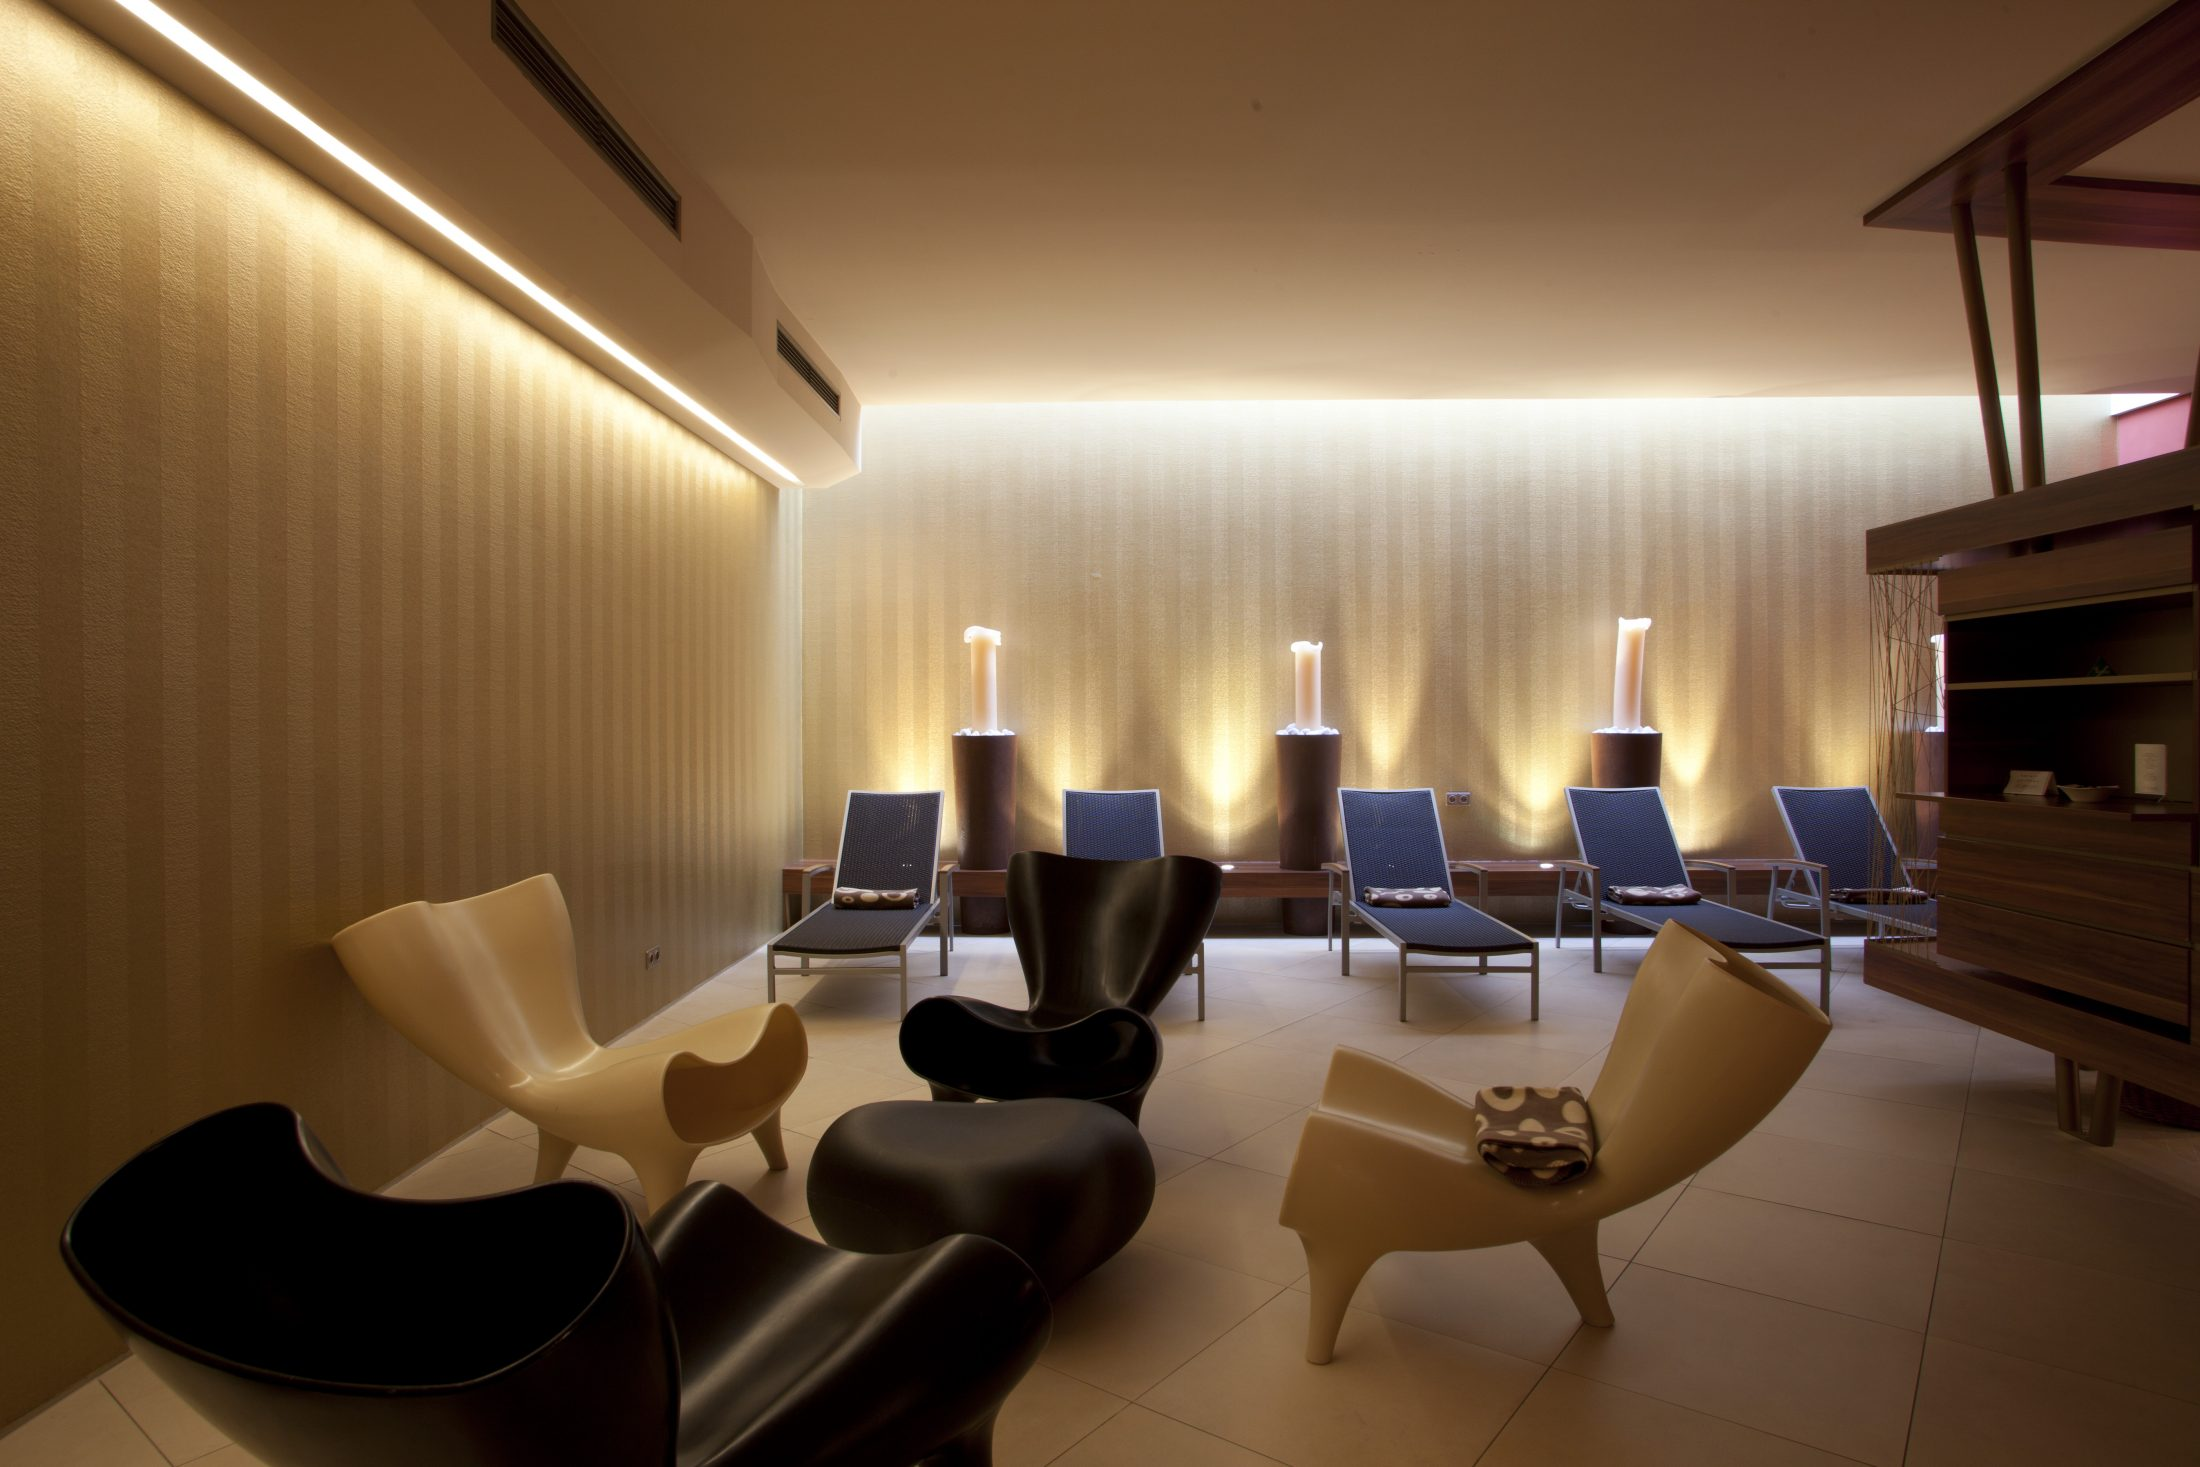 Saunabereich mit Liegen und modernen Stühlen